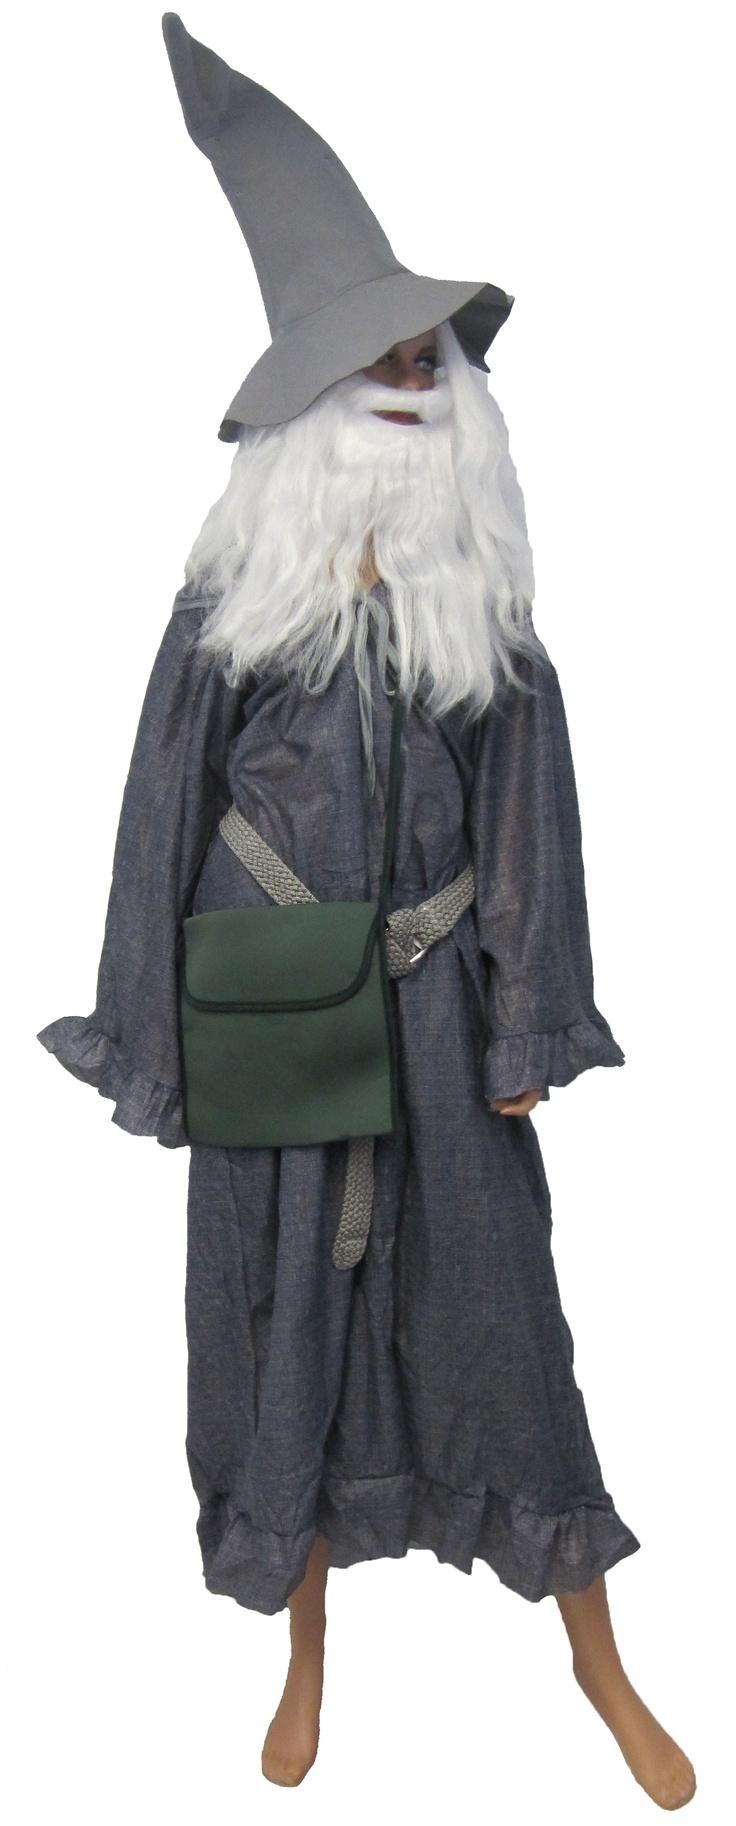 costume pleated fantasy adult